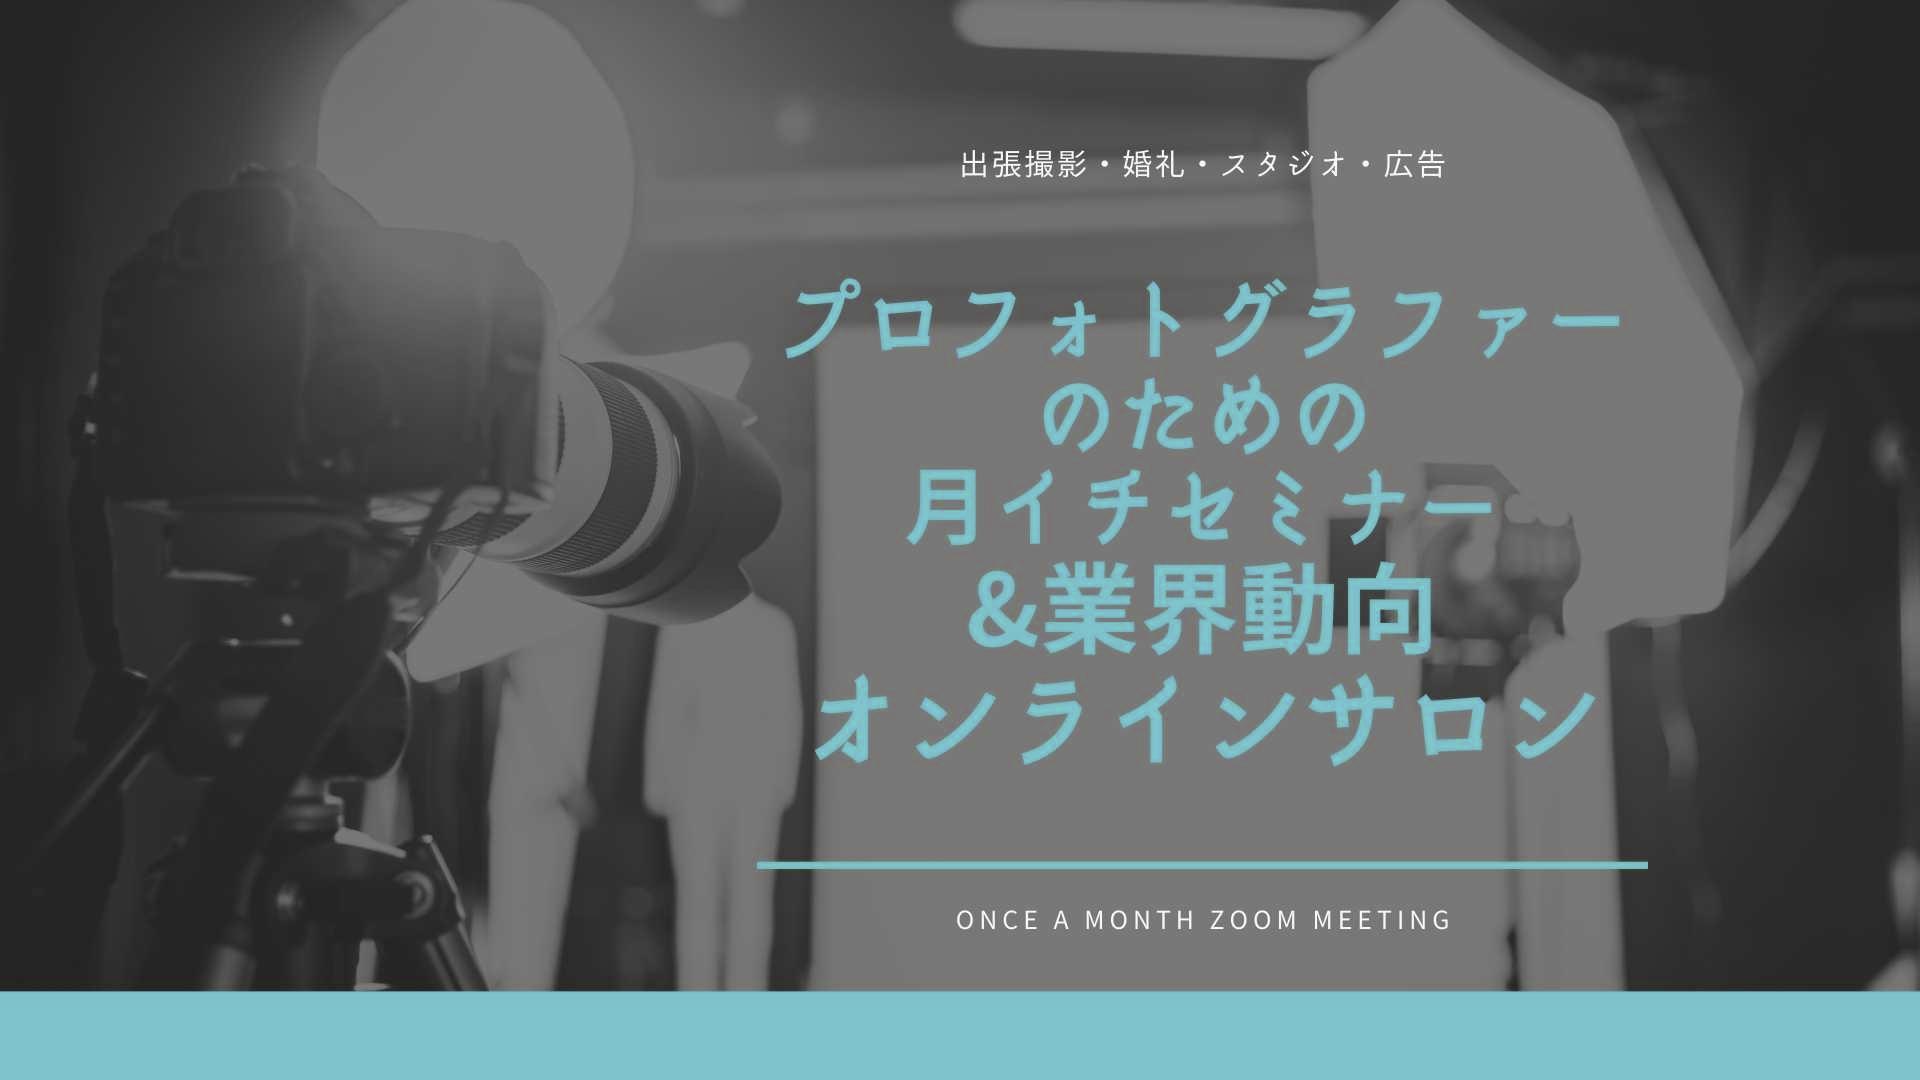 プロフォトグラファーのための月イチセミナー&業界動向オンラインサロン